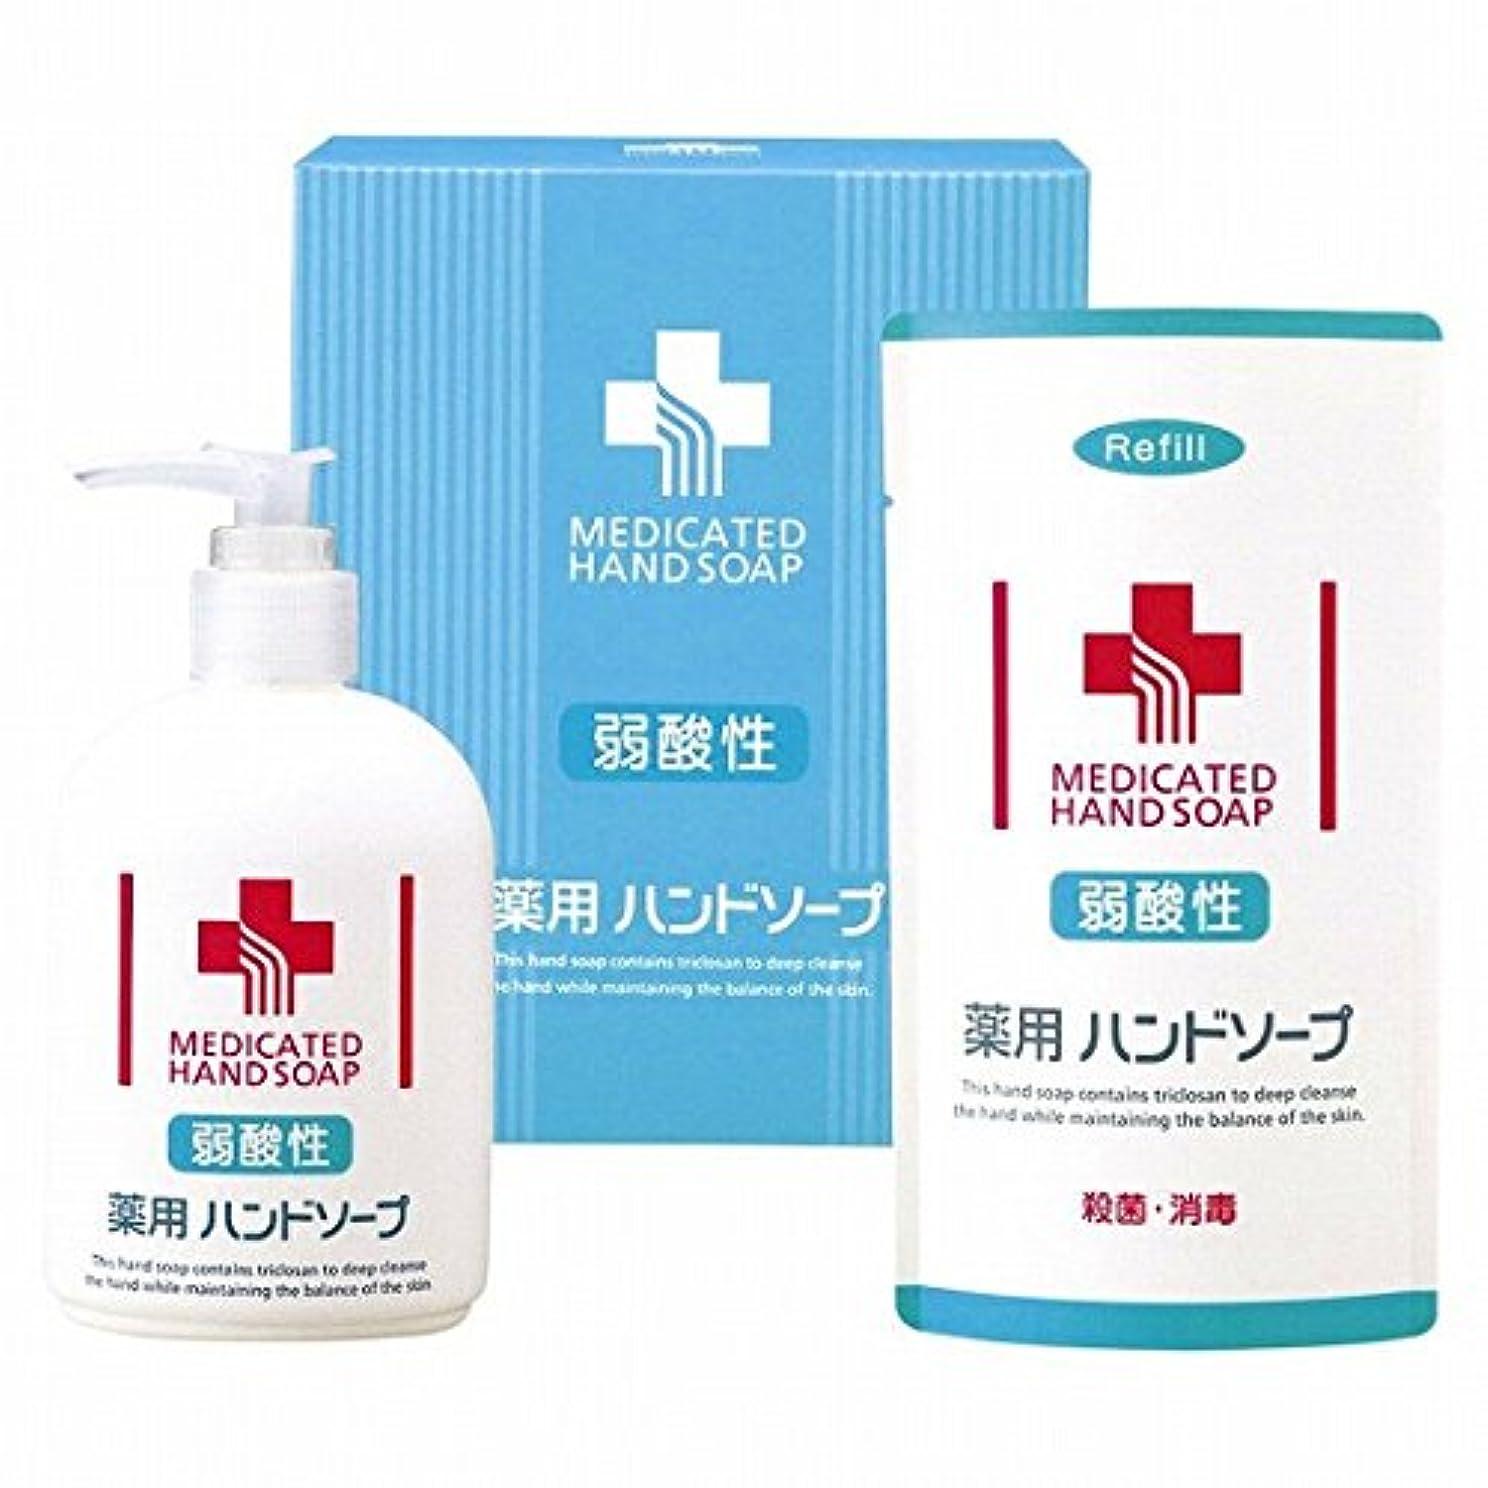 テメリティプラグ浴nobrand 弱酸性 薬用ハンドソープセット(21957015)